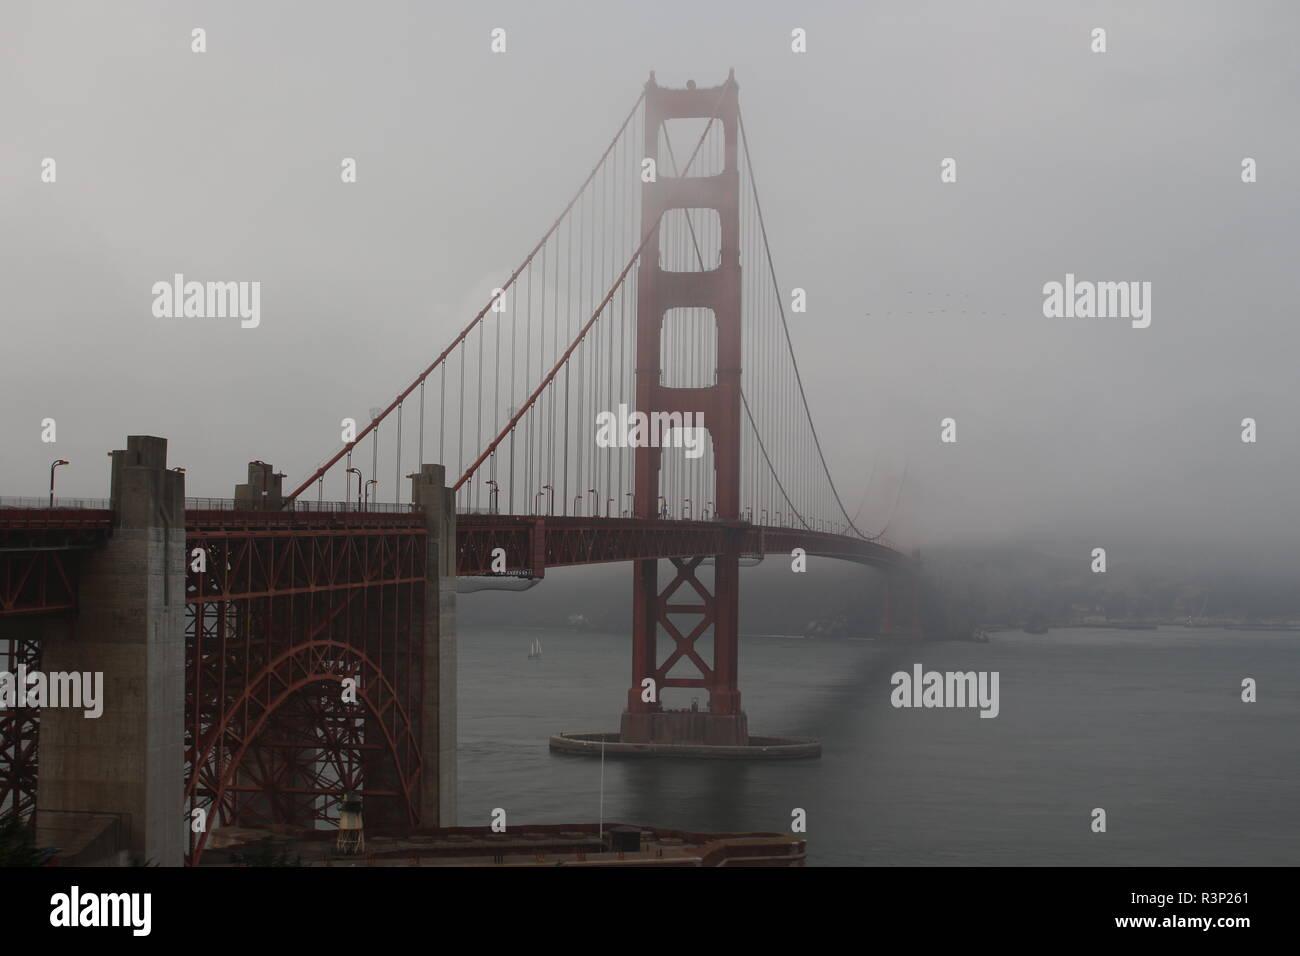 Golden Gate Bridge im Nebel in San Francisco von der Südseite der Brücke aufgenommen - Stock Image